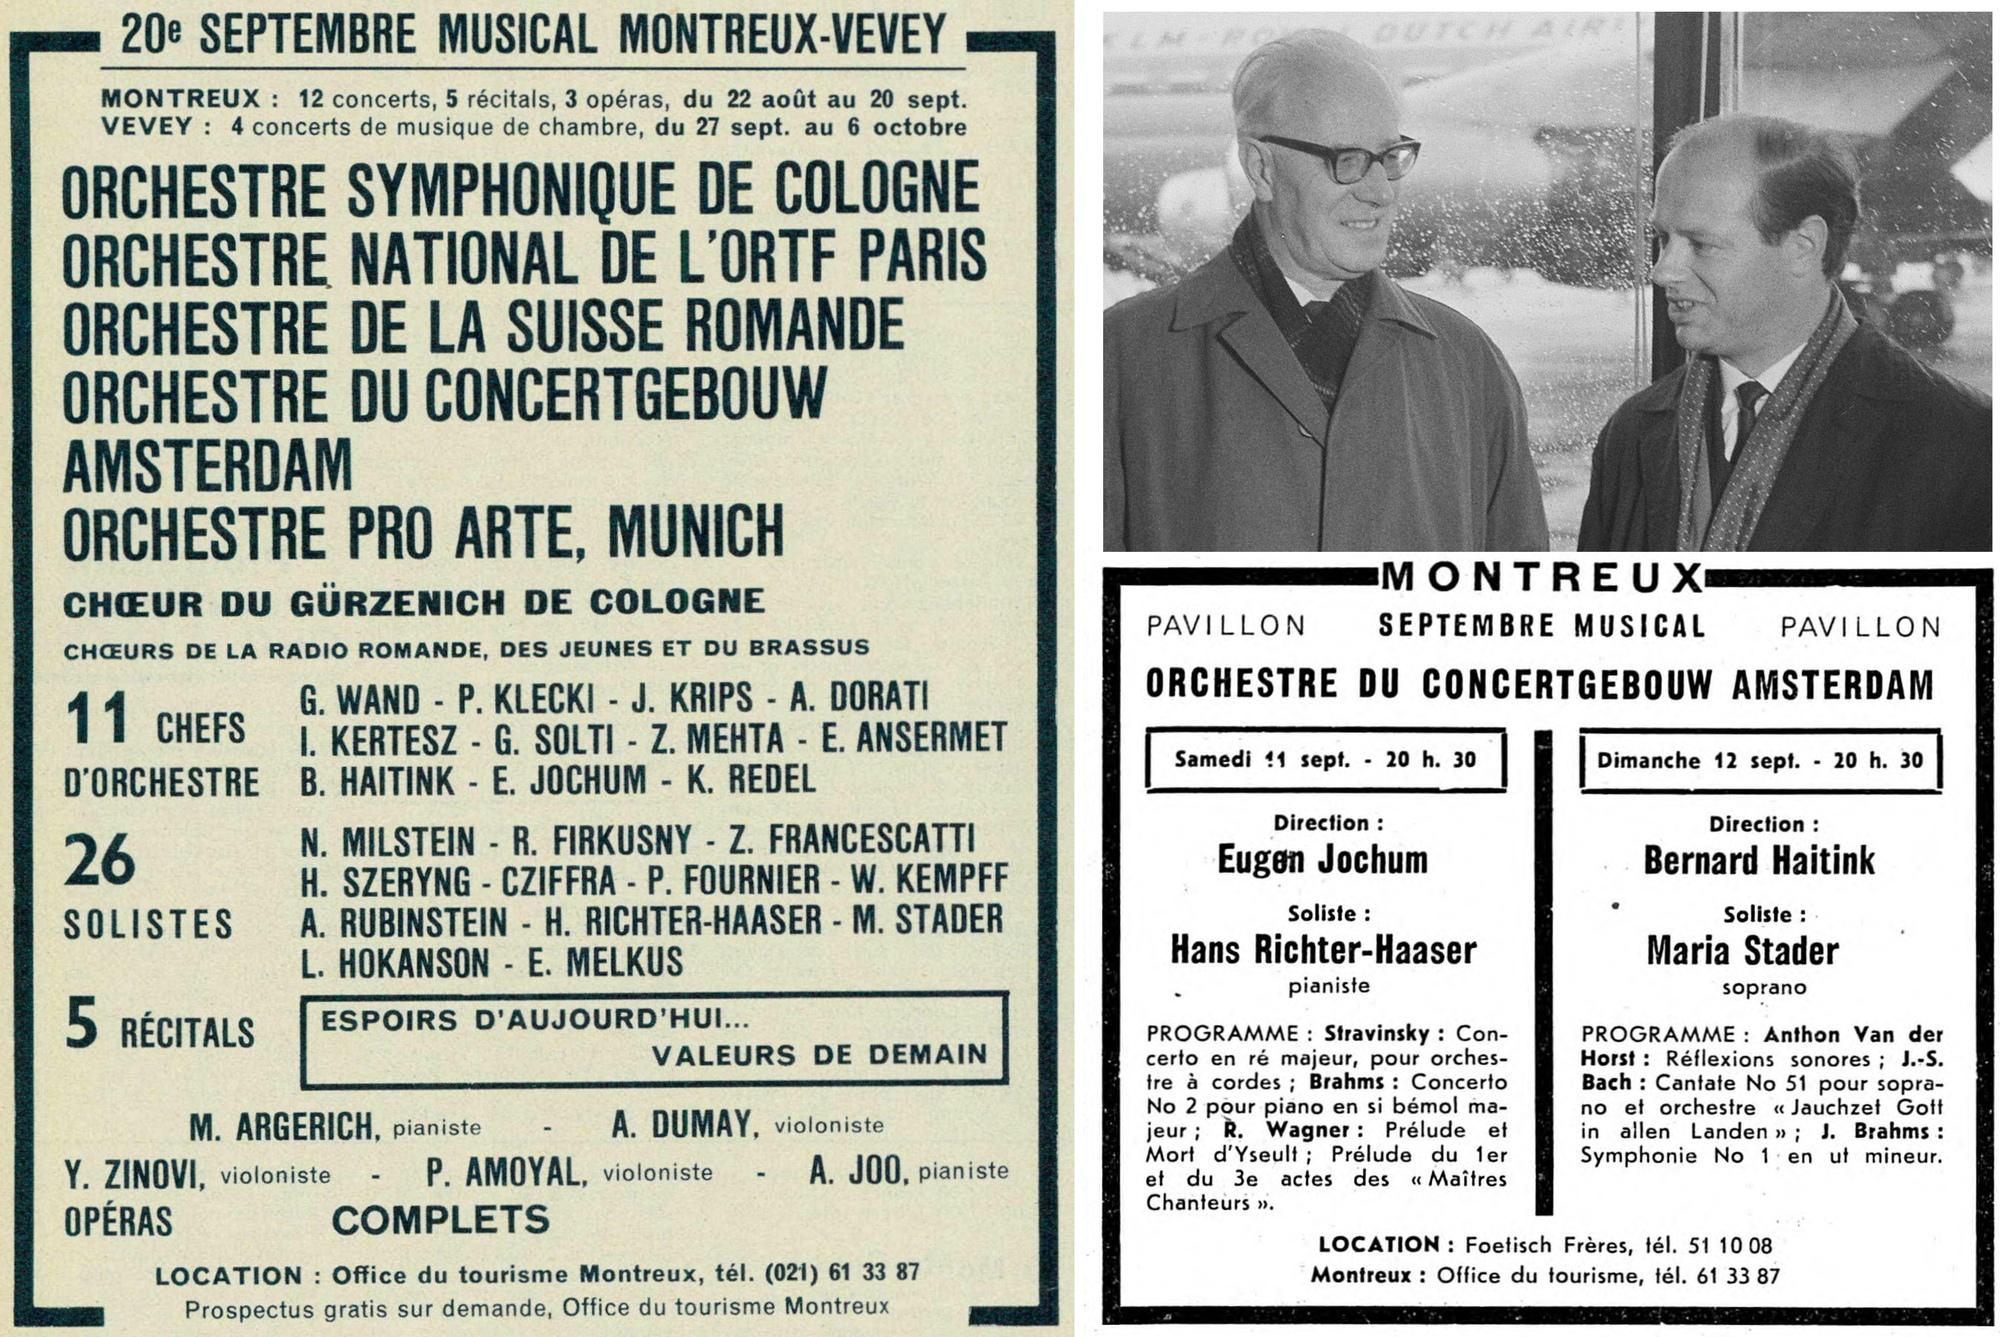 Festival de Montreux 1965, Eugen Jochum et Bernard Haitink, montage d'extraits de quotidiens et d'un extrait de la photo https://www.nationaalarchief.nl/en/research/photo-collection/aa015b82-d0b4-102d-bcf8-003048976d84 du Nationaal Archief Nederlands